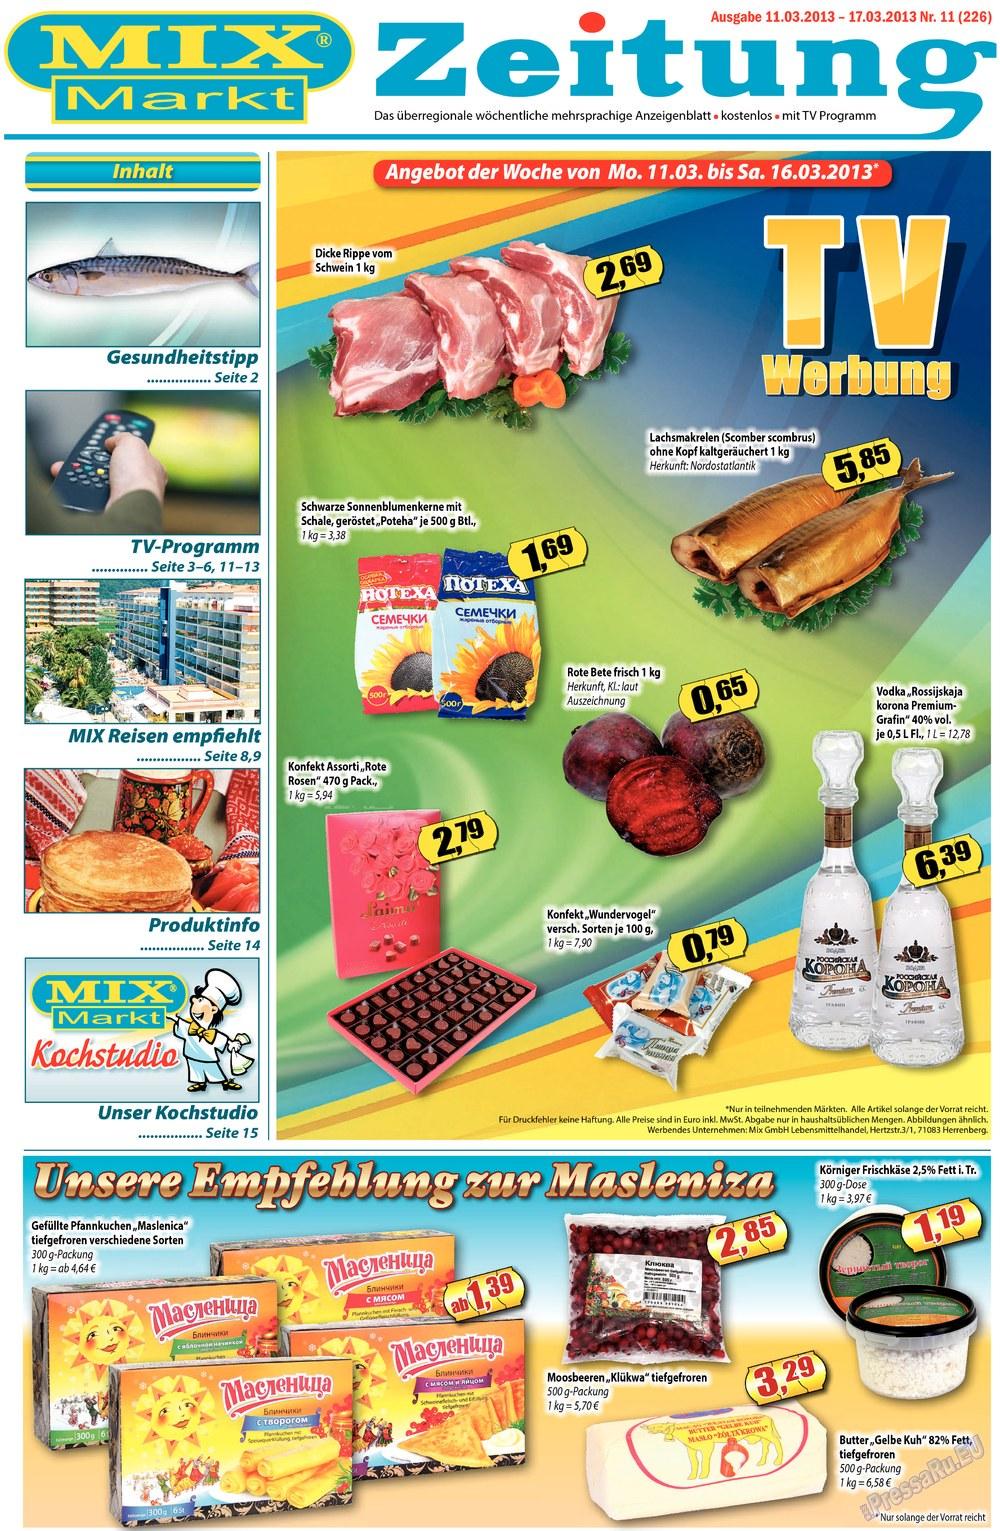 MIX-Markt Zeitung (газета). 2013 год, номер 11, стр. 1